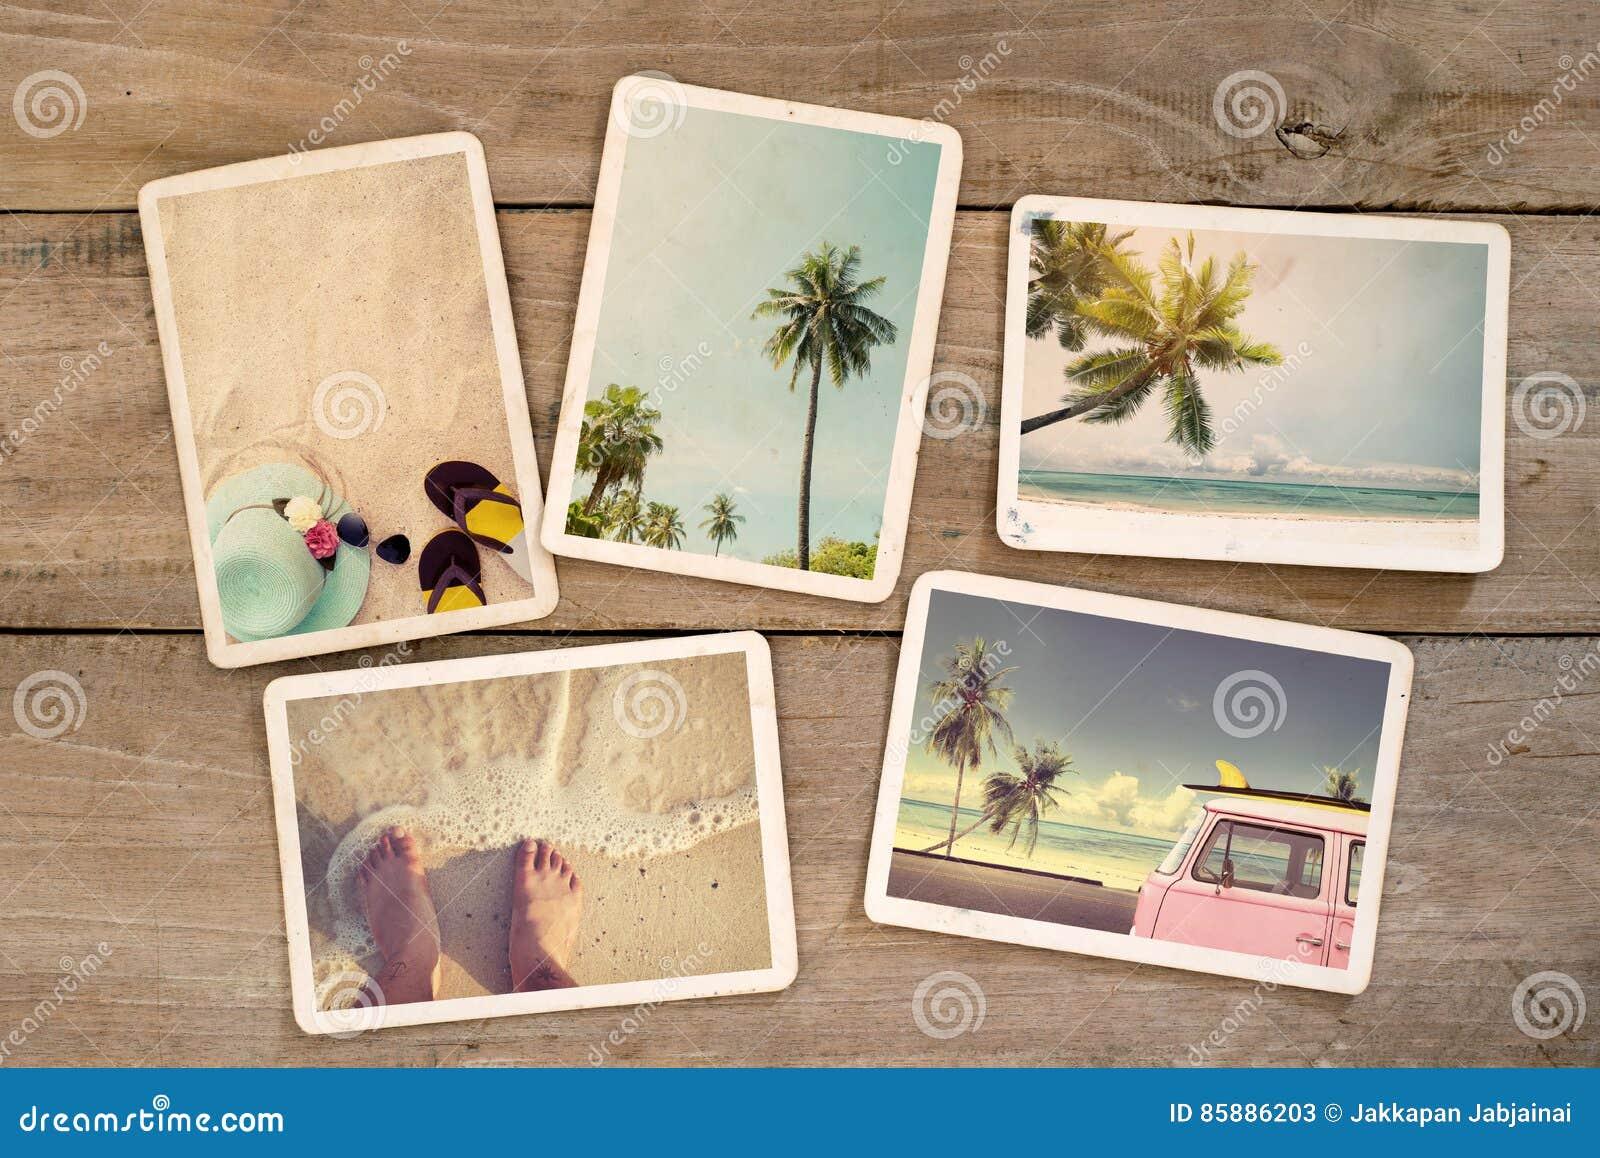 象册记忆和乡情在木桌上的夏天冲浪的海滩旅行远航